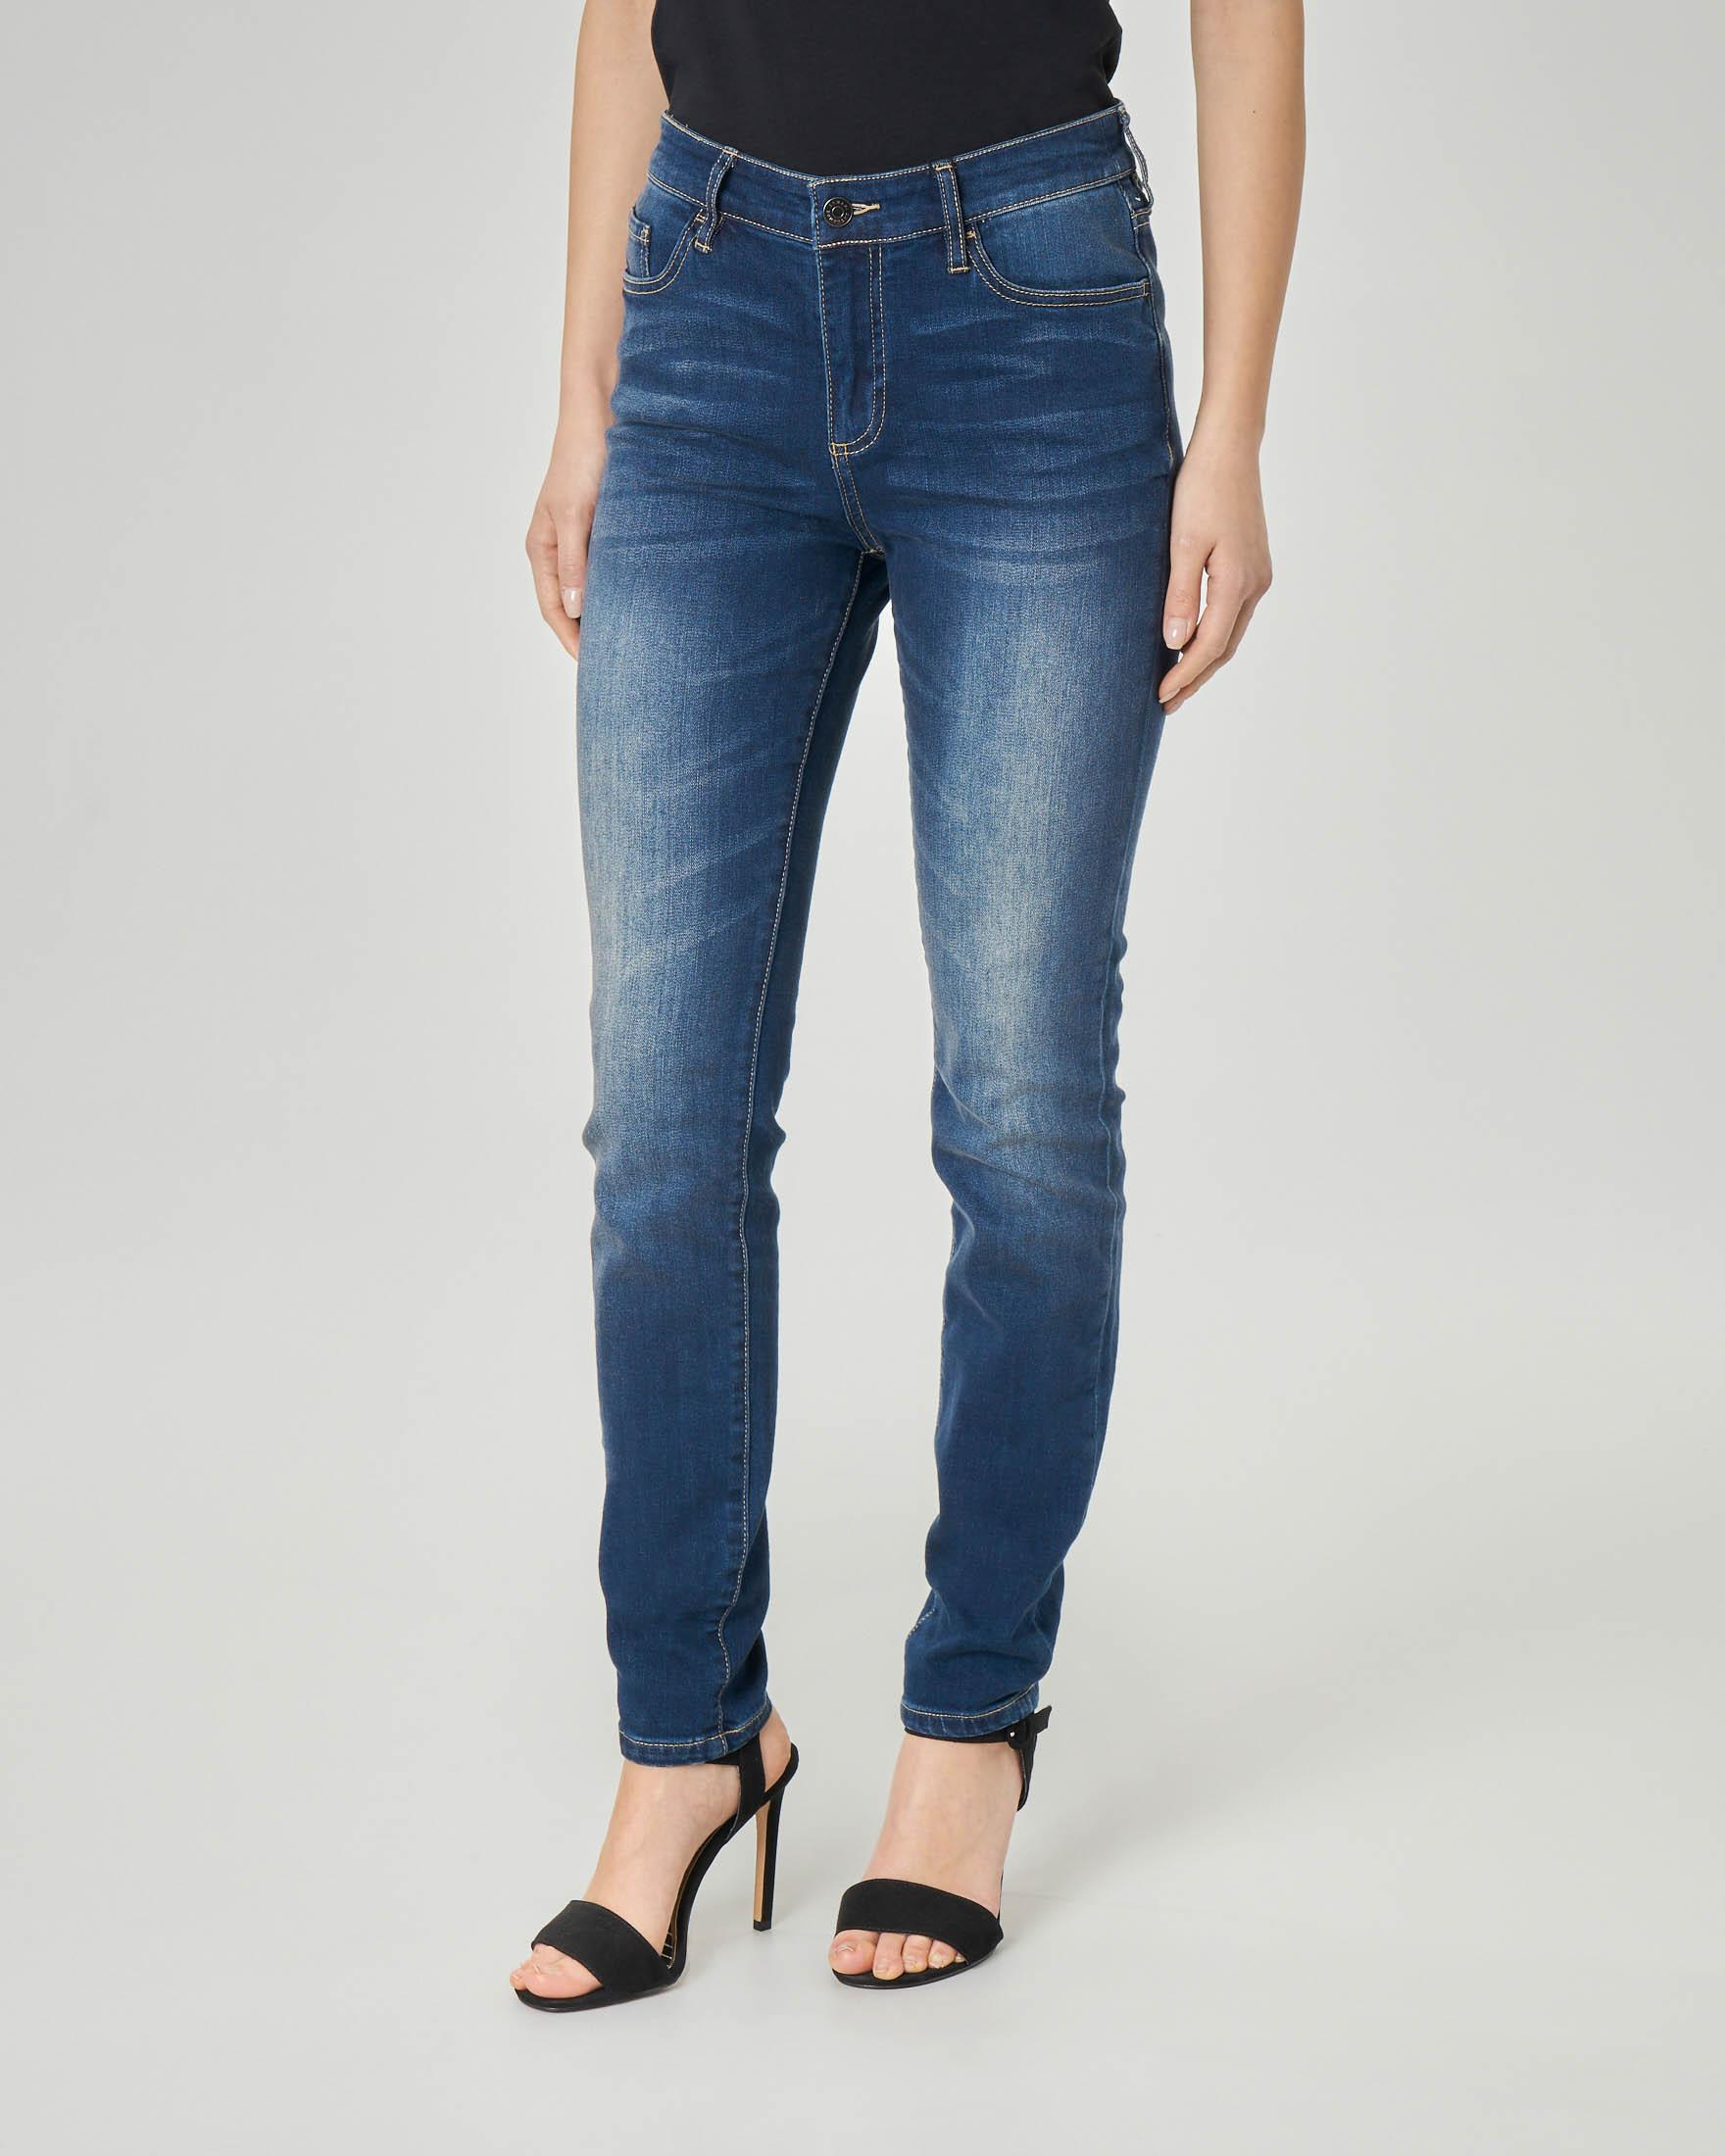 Jeans skinny vita media blu stone washed con schiariture sulle gambe